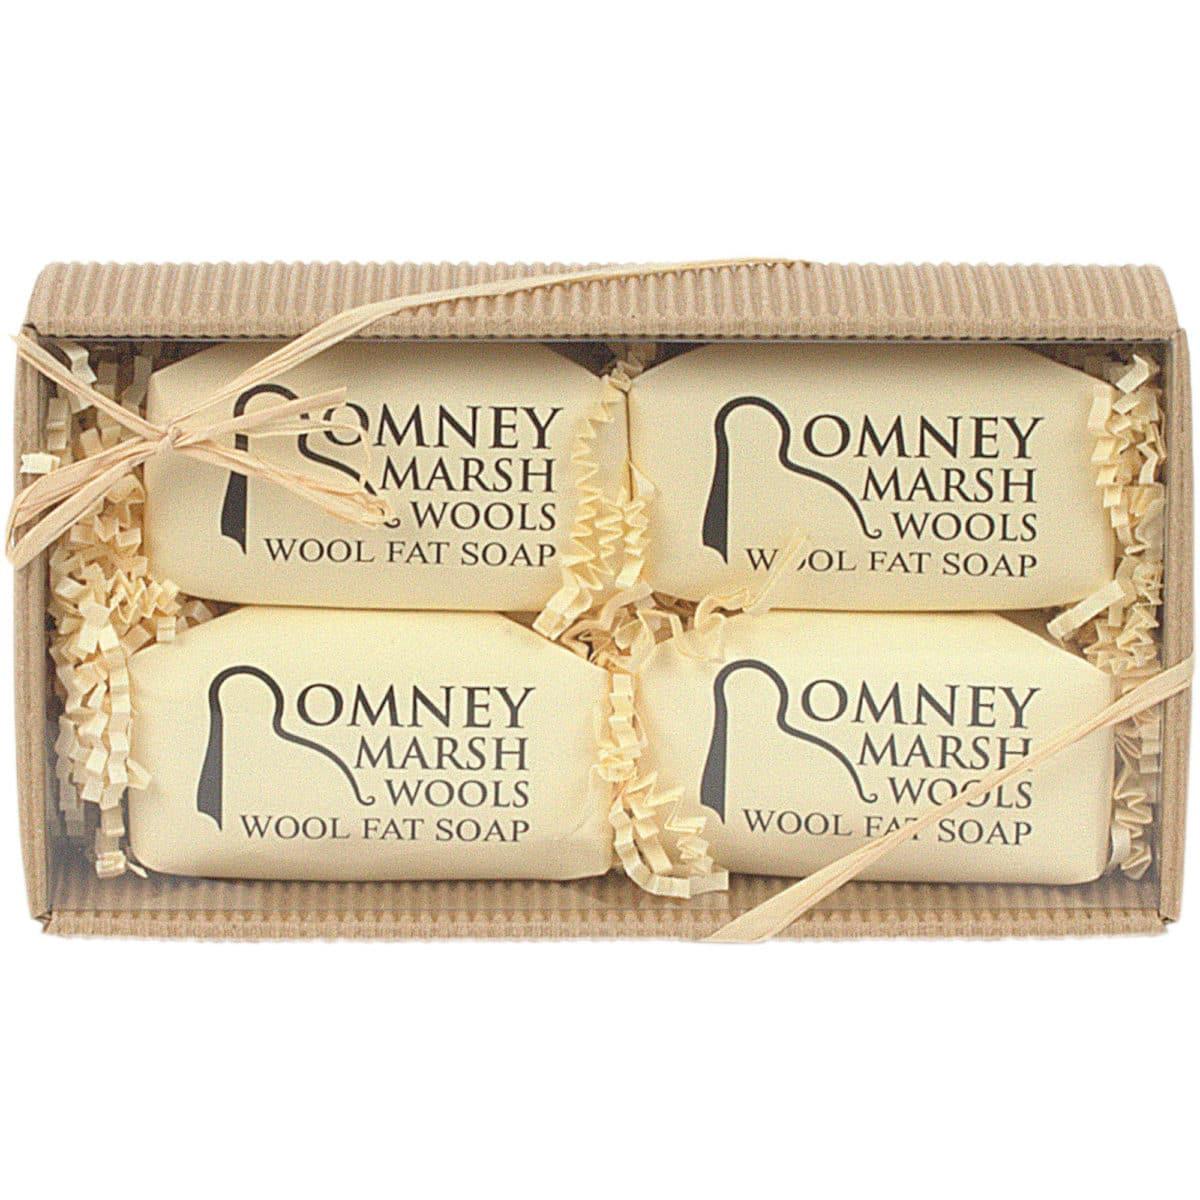 Romney Marsh Lanolin Soap Gift Set